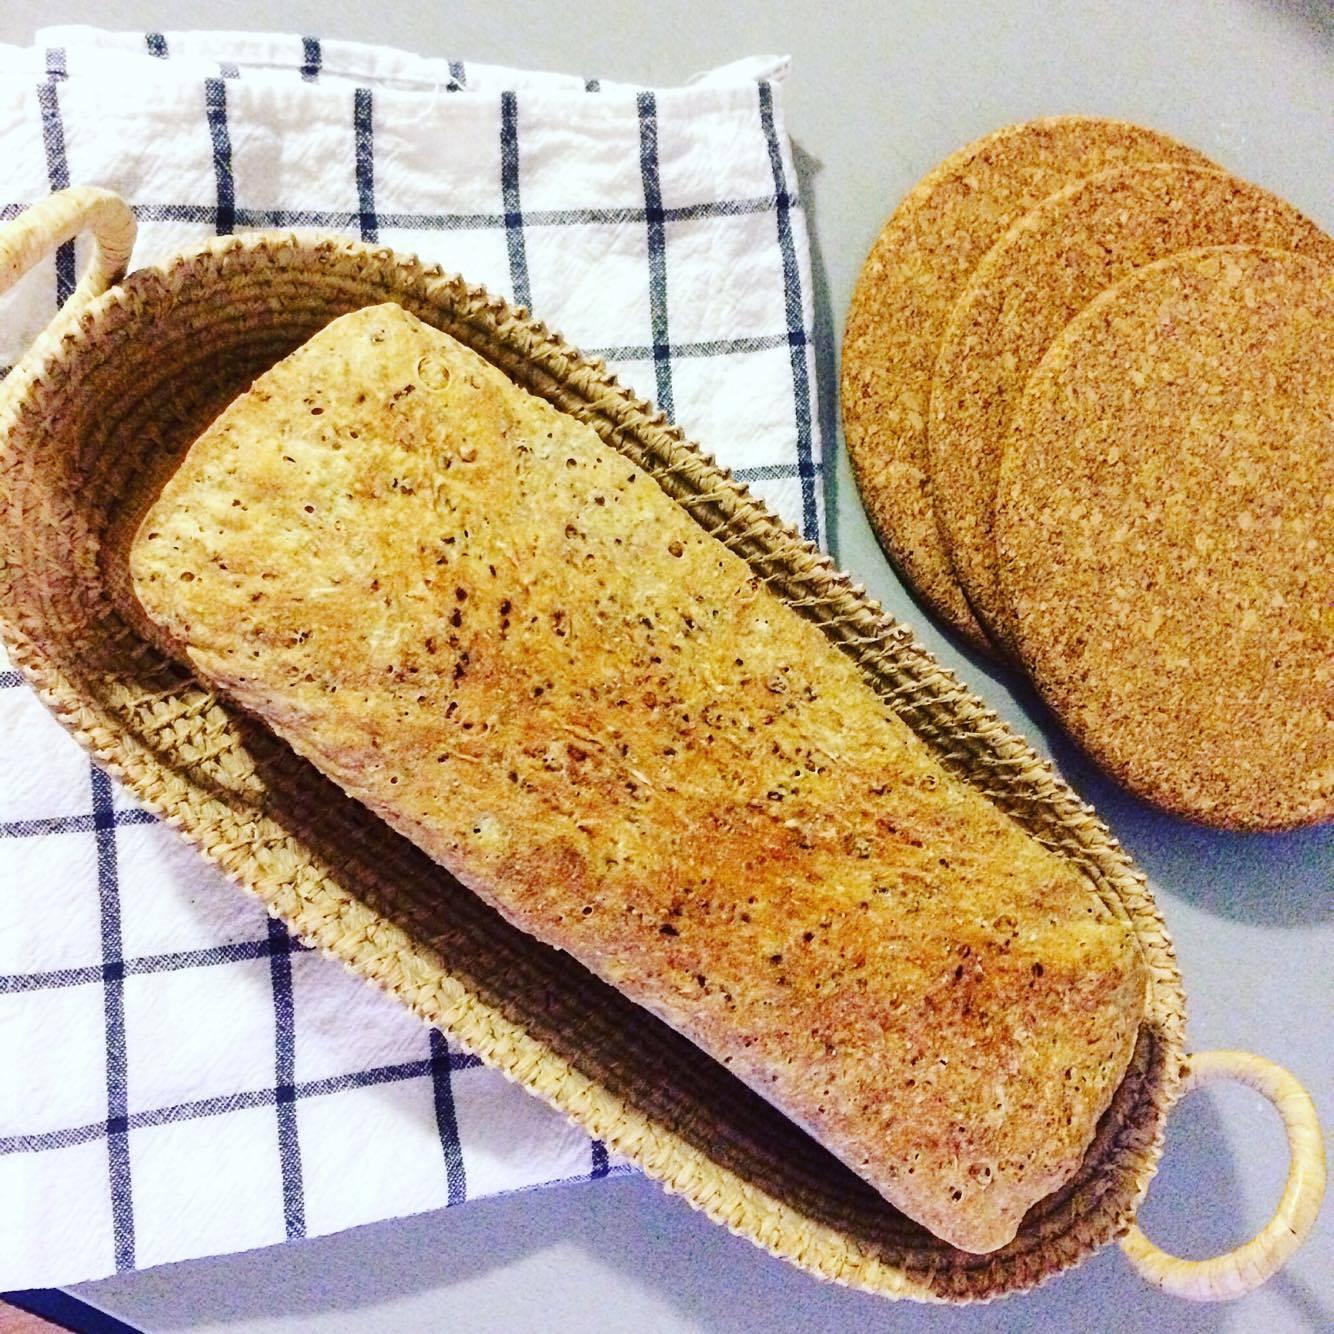 Recette classique du pain aux c r ales pas cher pour vous for Bordeaux logement pas cher